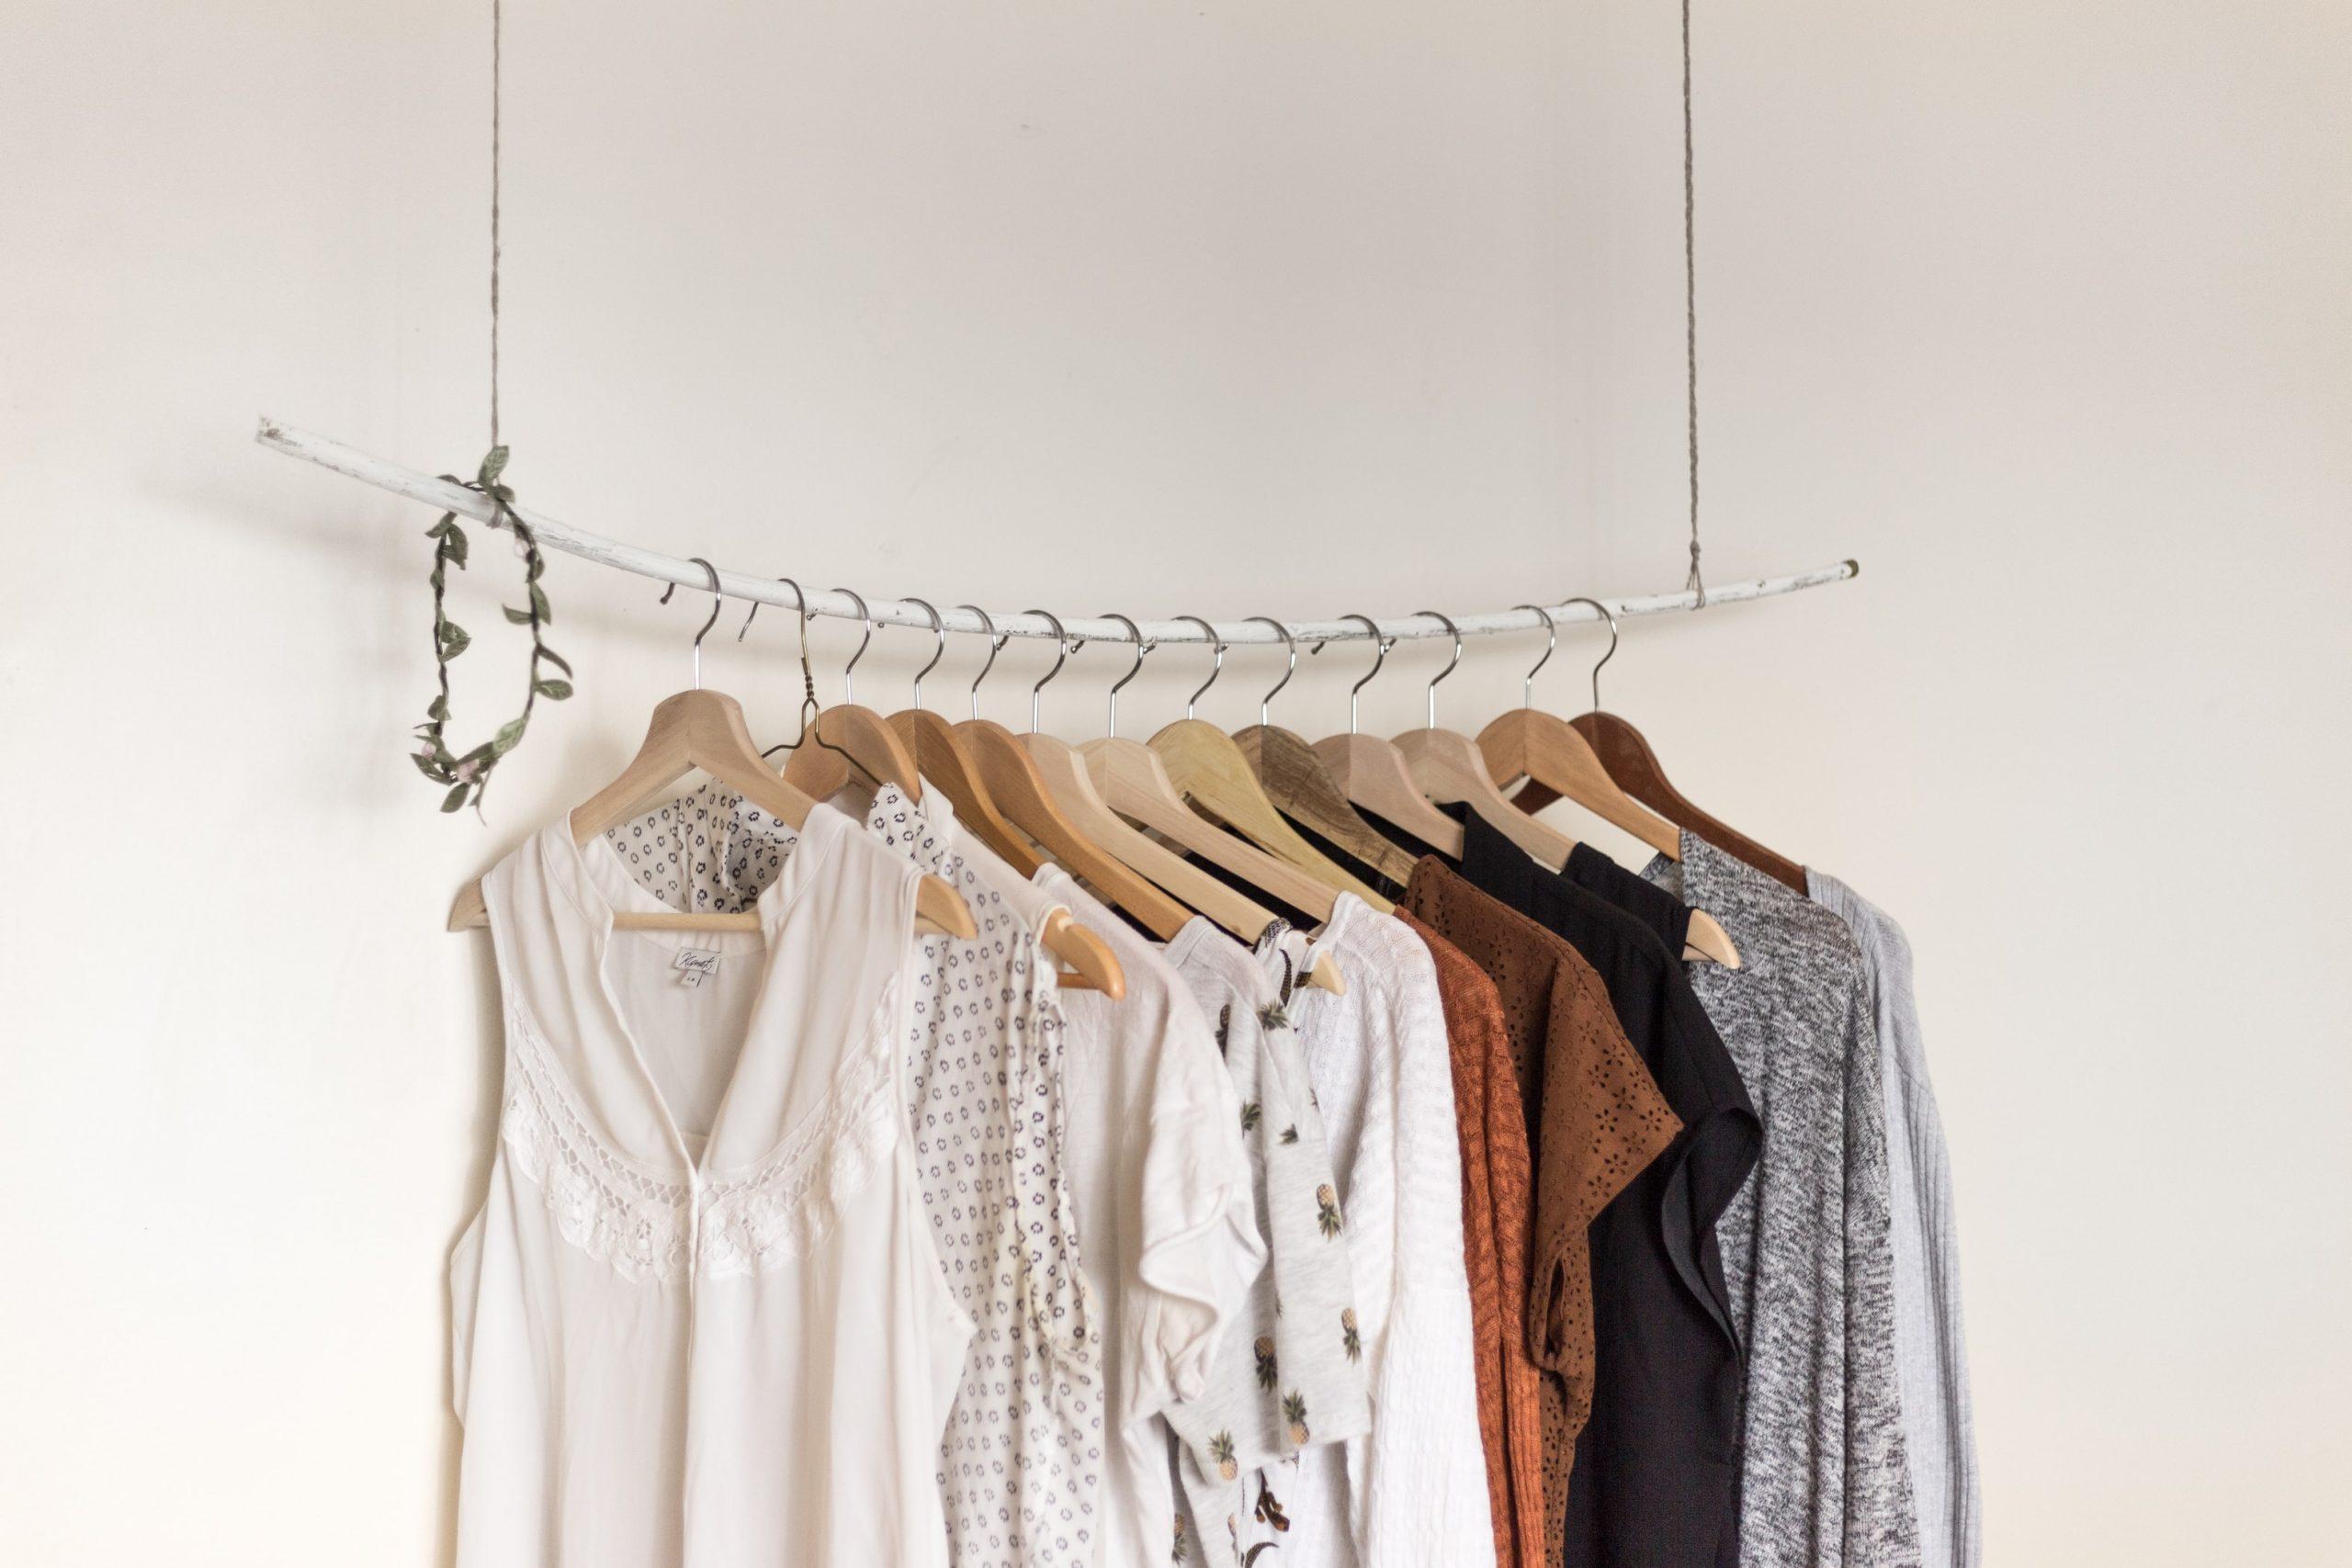 Pourquoi privilégier les marques de vêtements éthiques ? 3